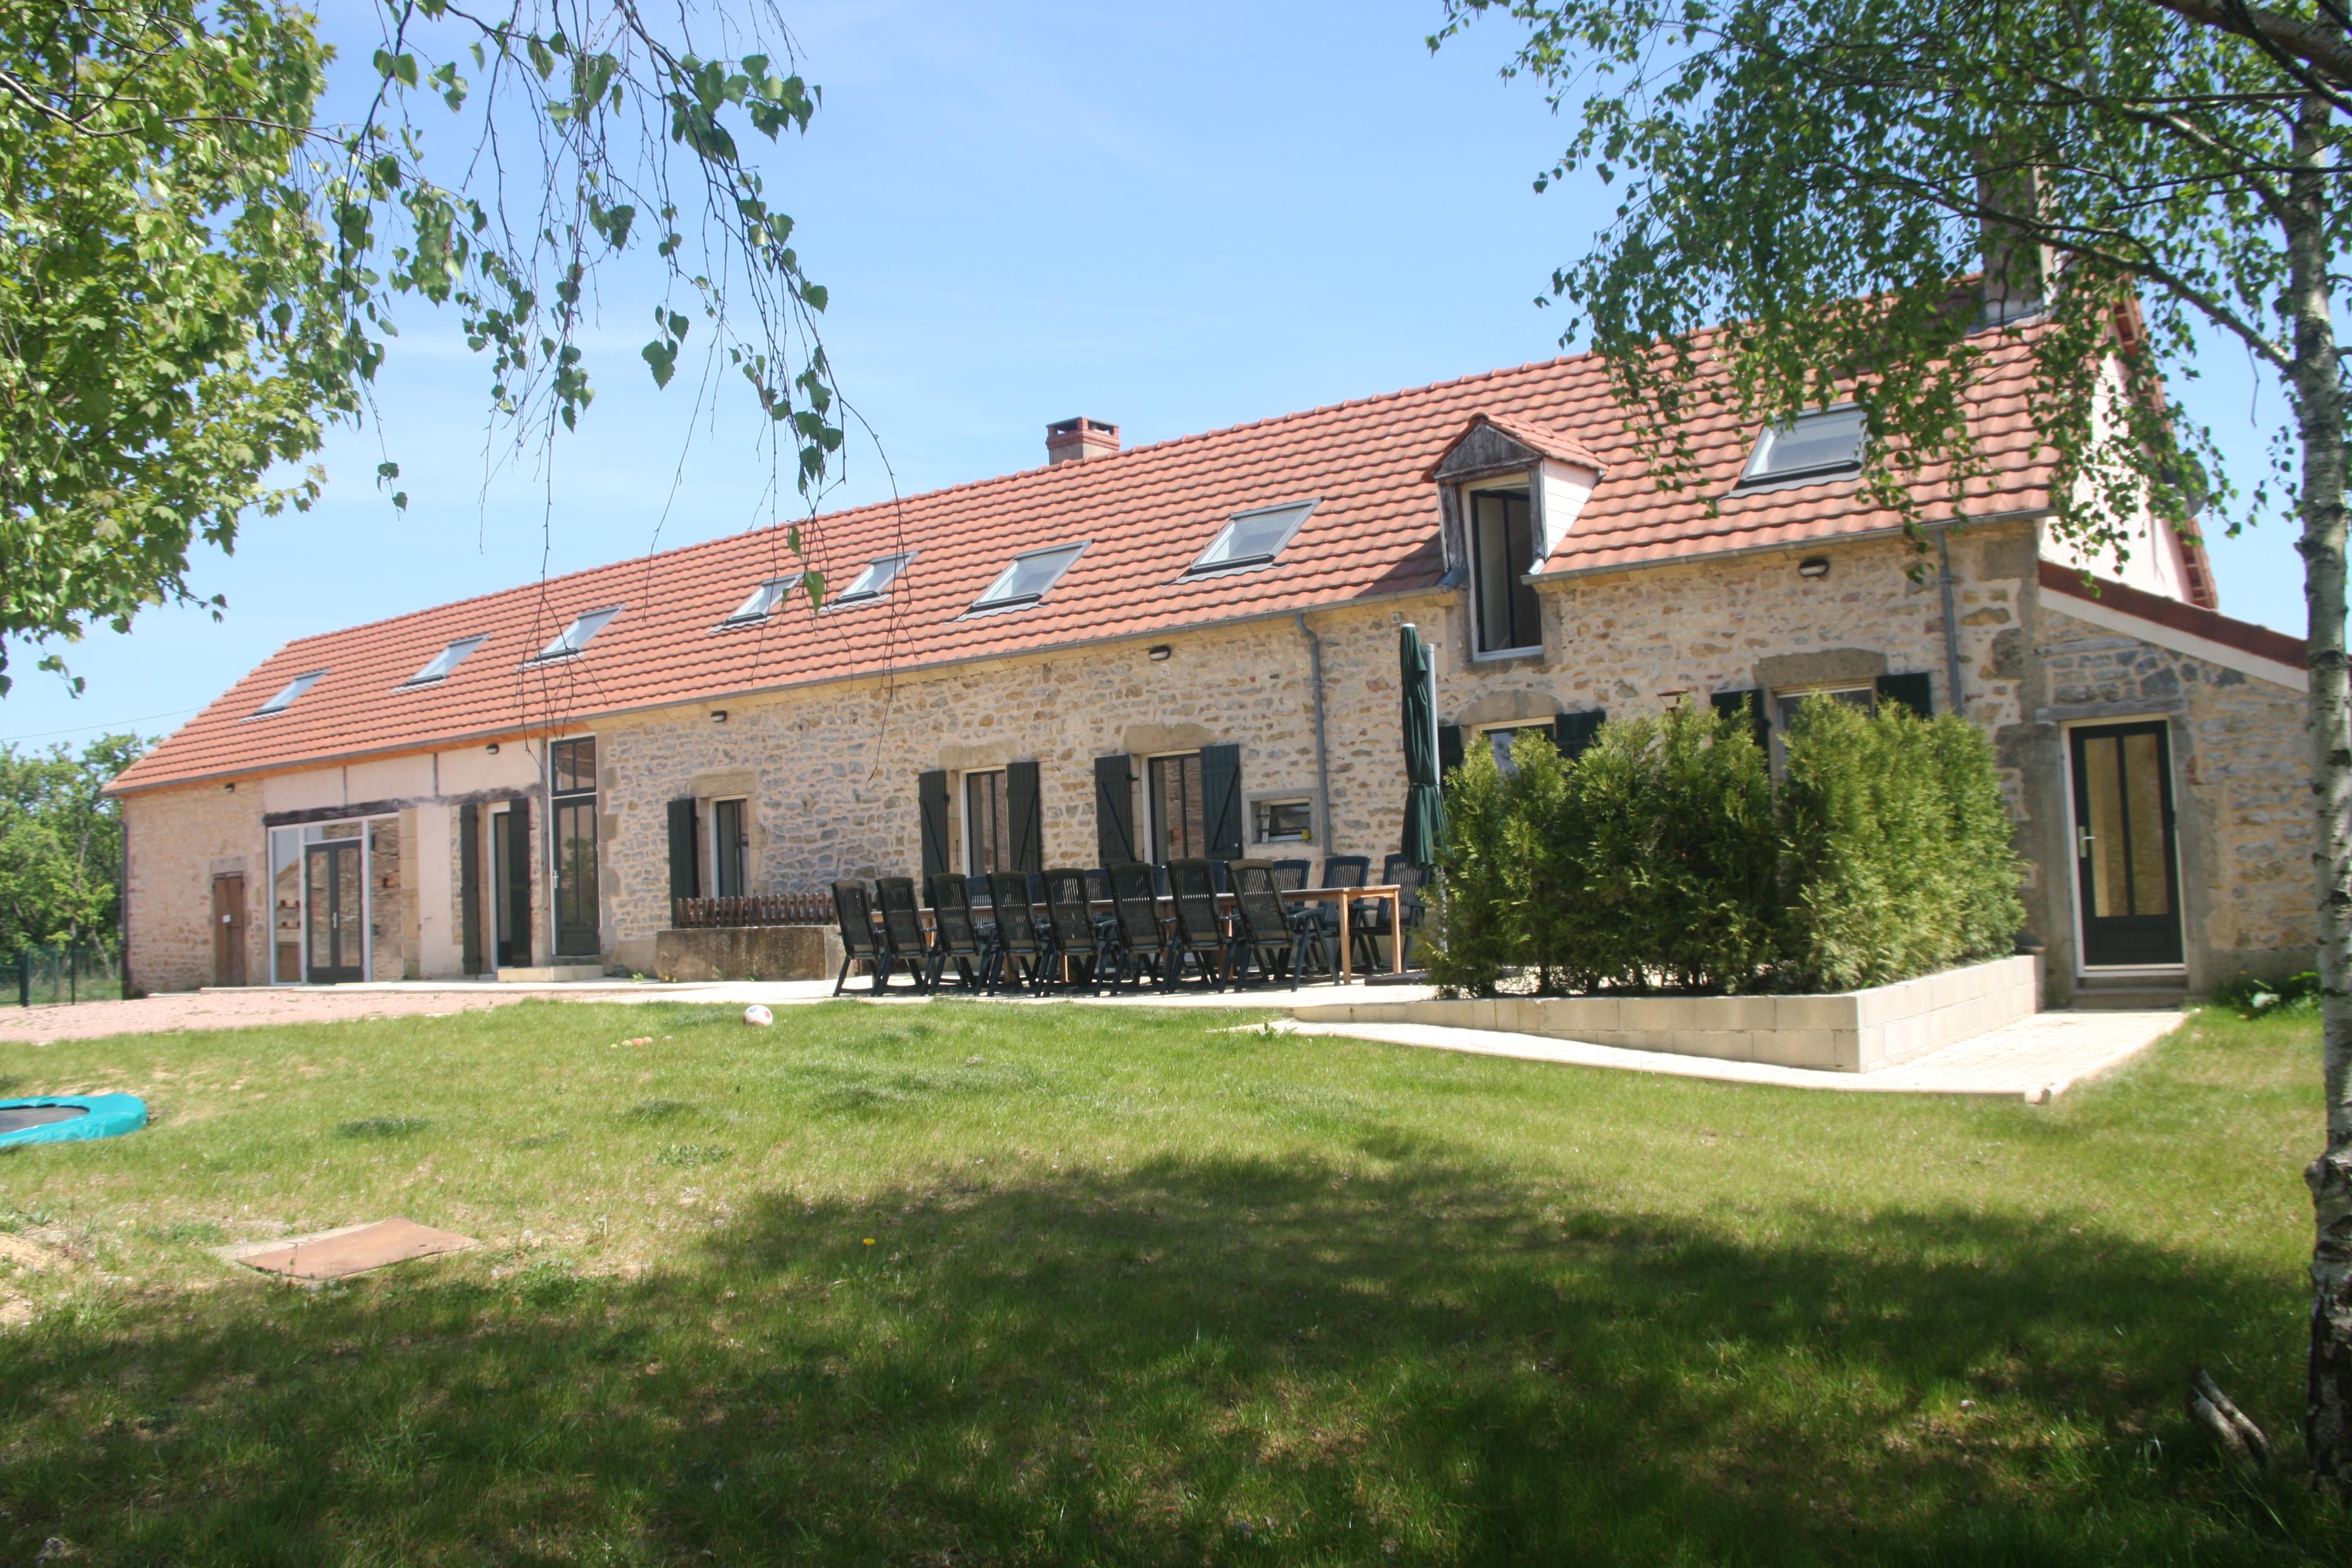 Bekijk vakantiehuis Domaine de la Croix in Nièvre - Bourgogne ...